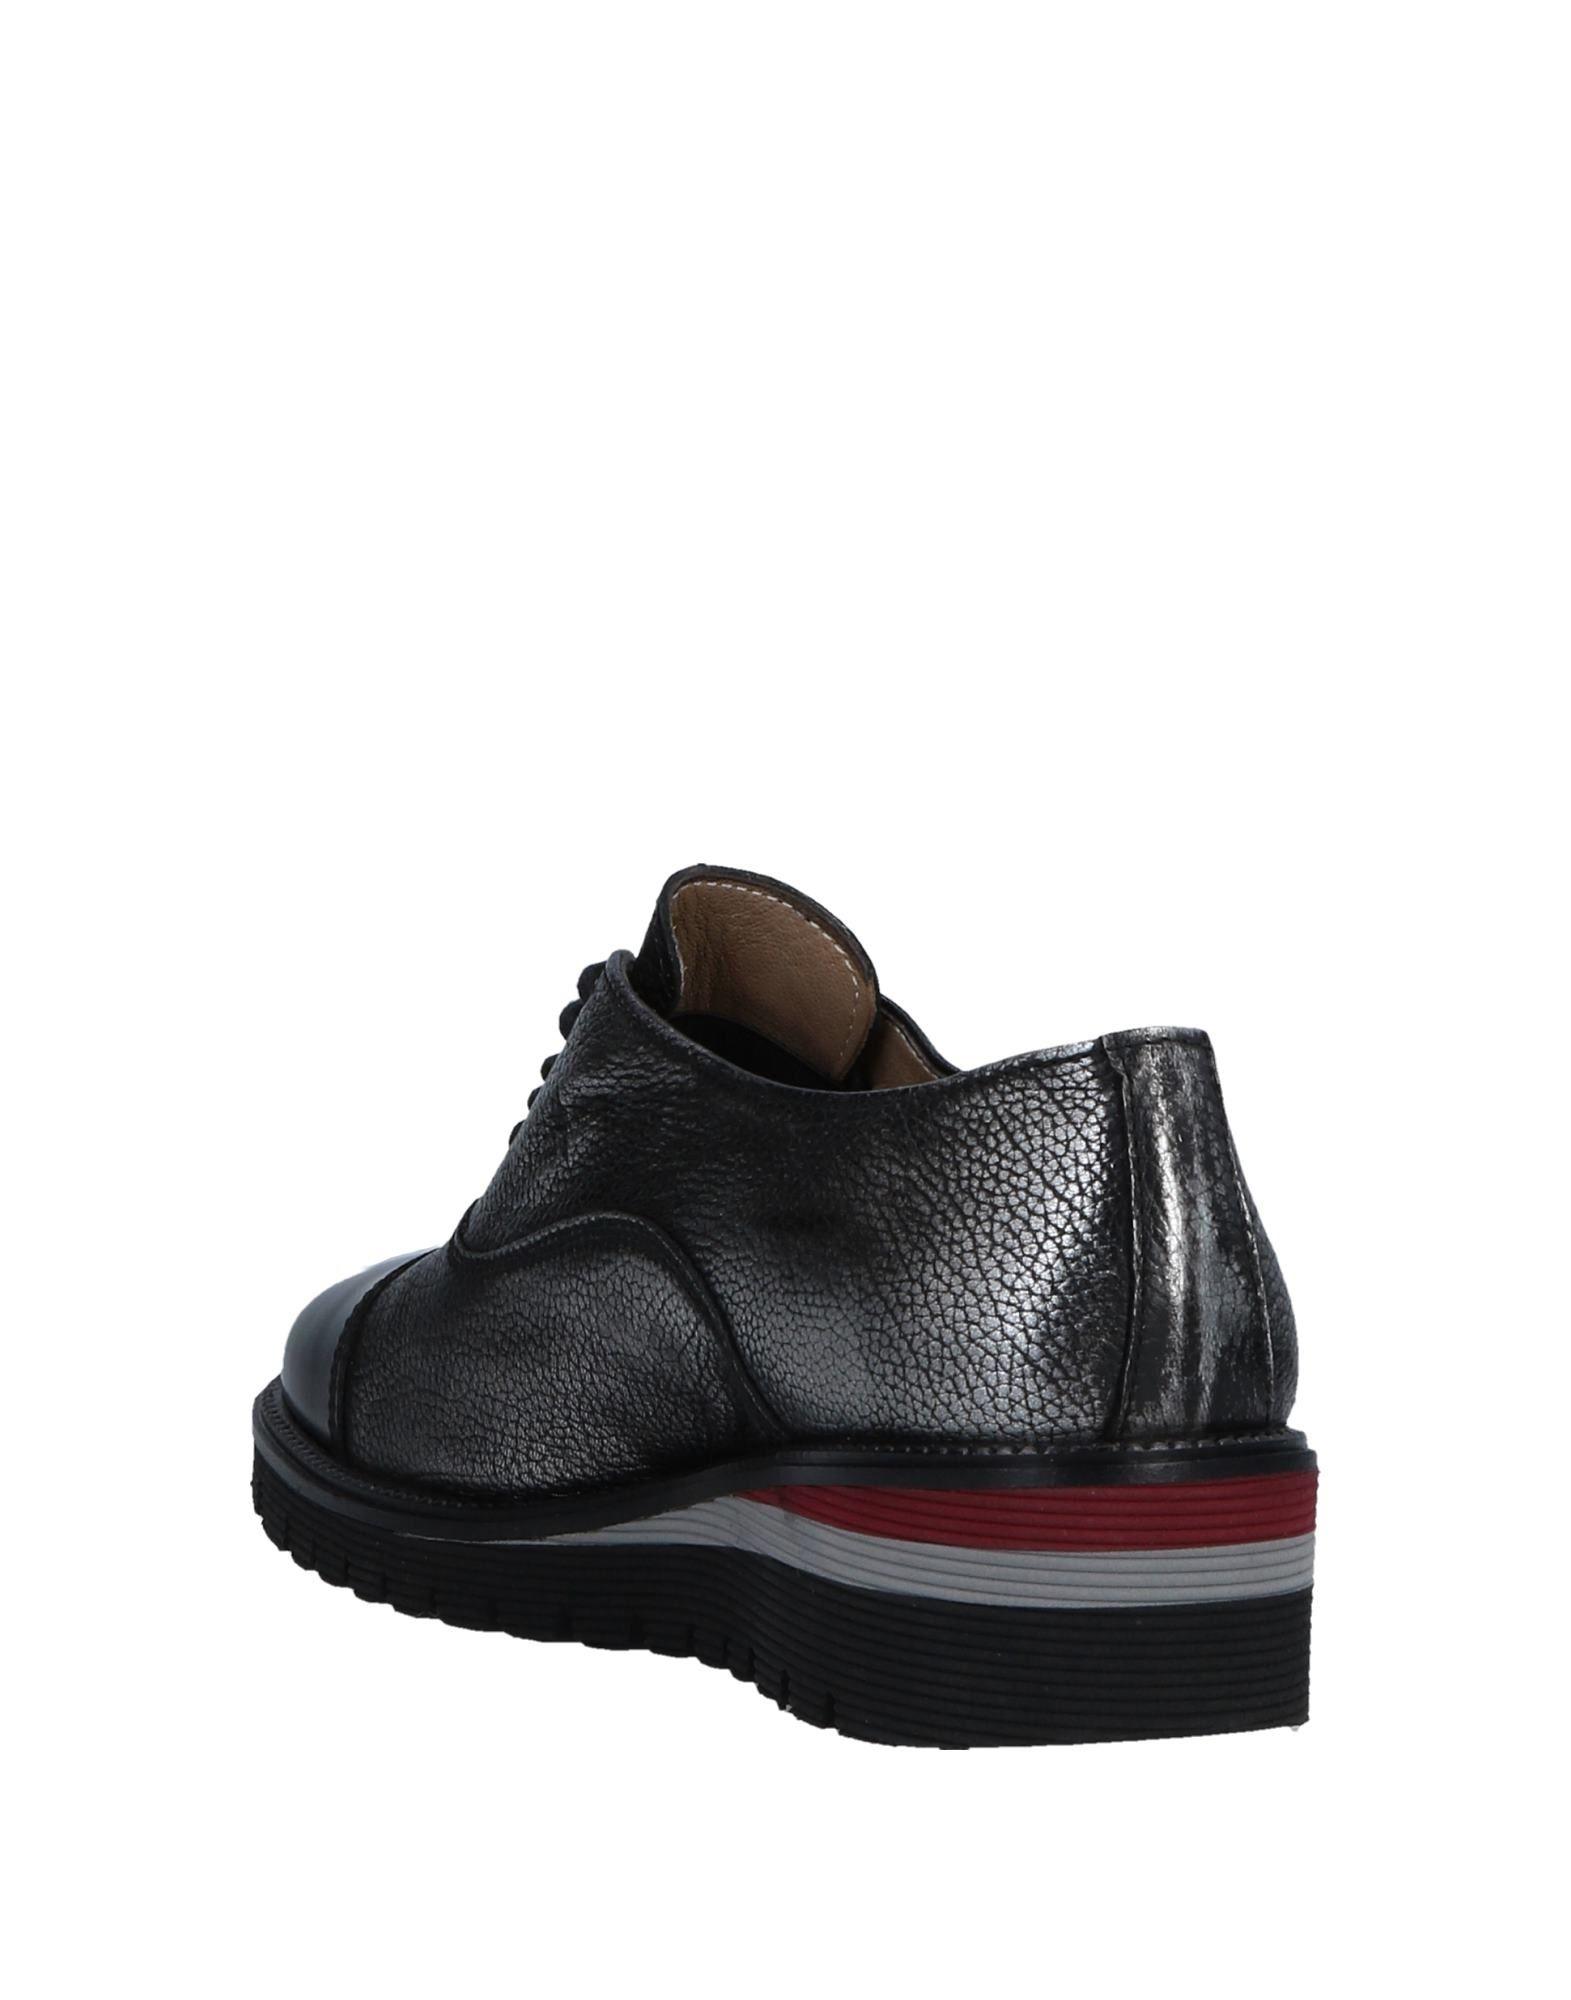 Gut um billige Damen Schuhe zu tragenCalpierre Damenschuhe Schnürschuhe Damen billige  11517357VL 909151